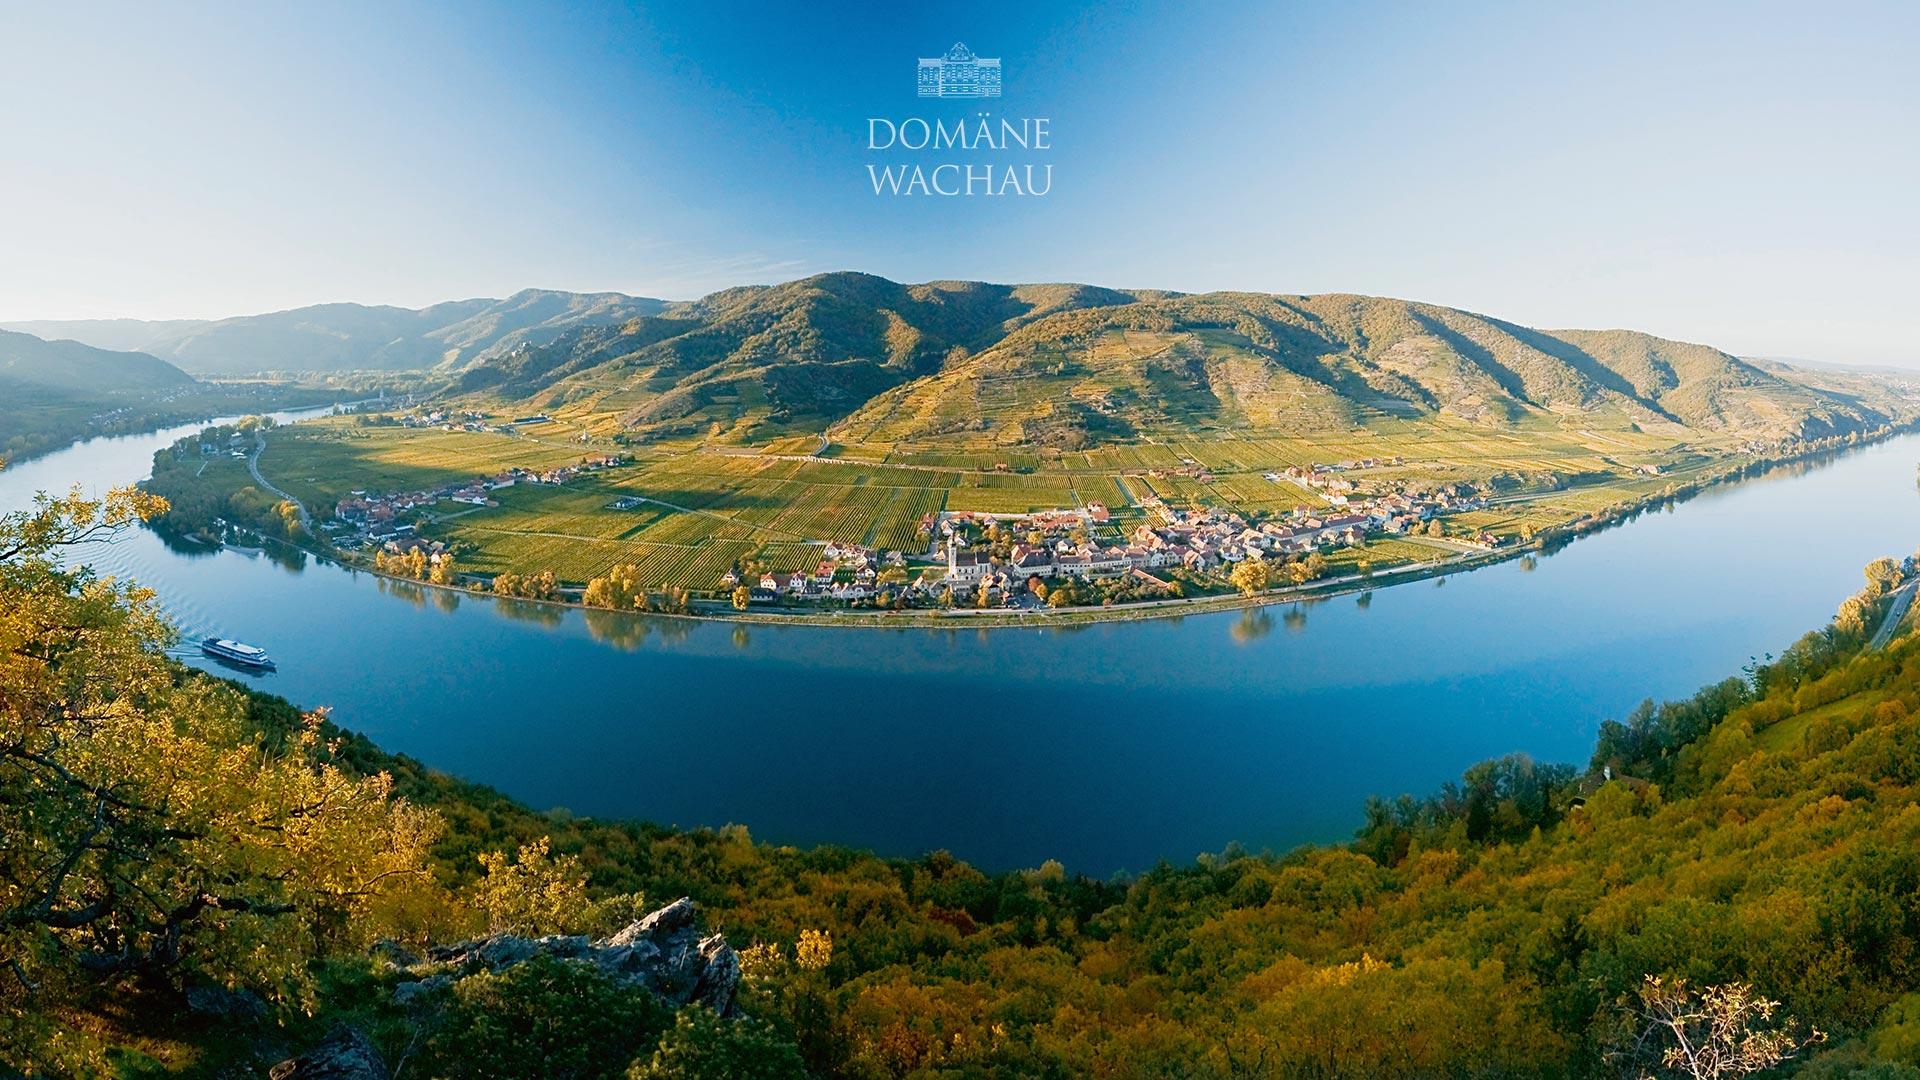 Domäne Wachau